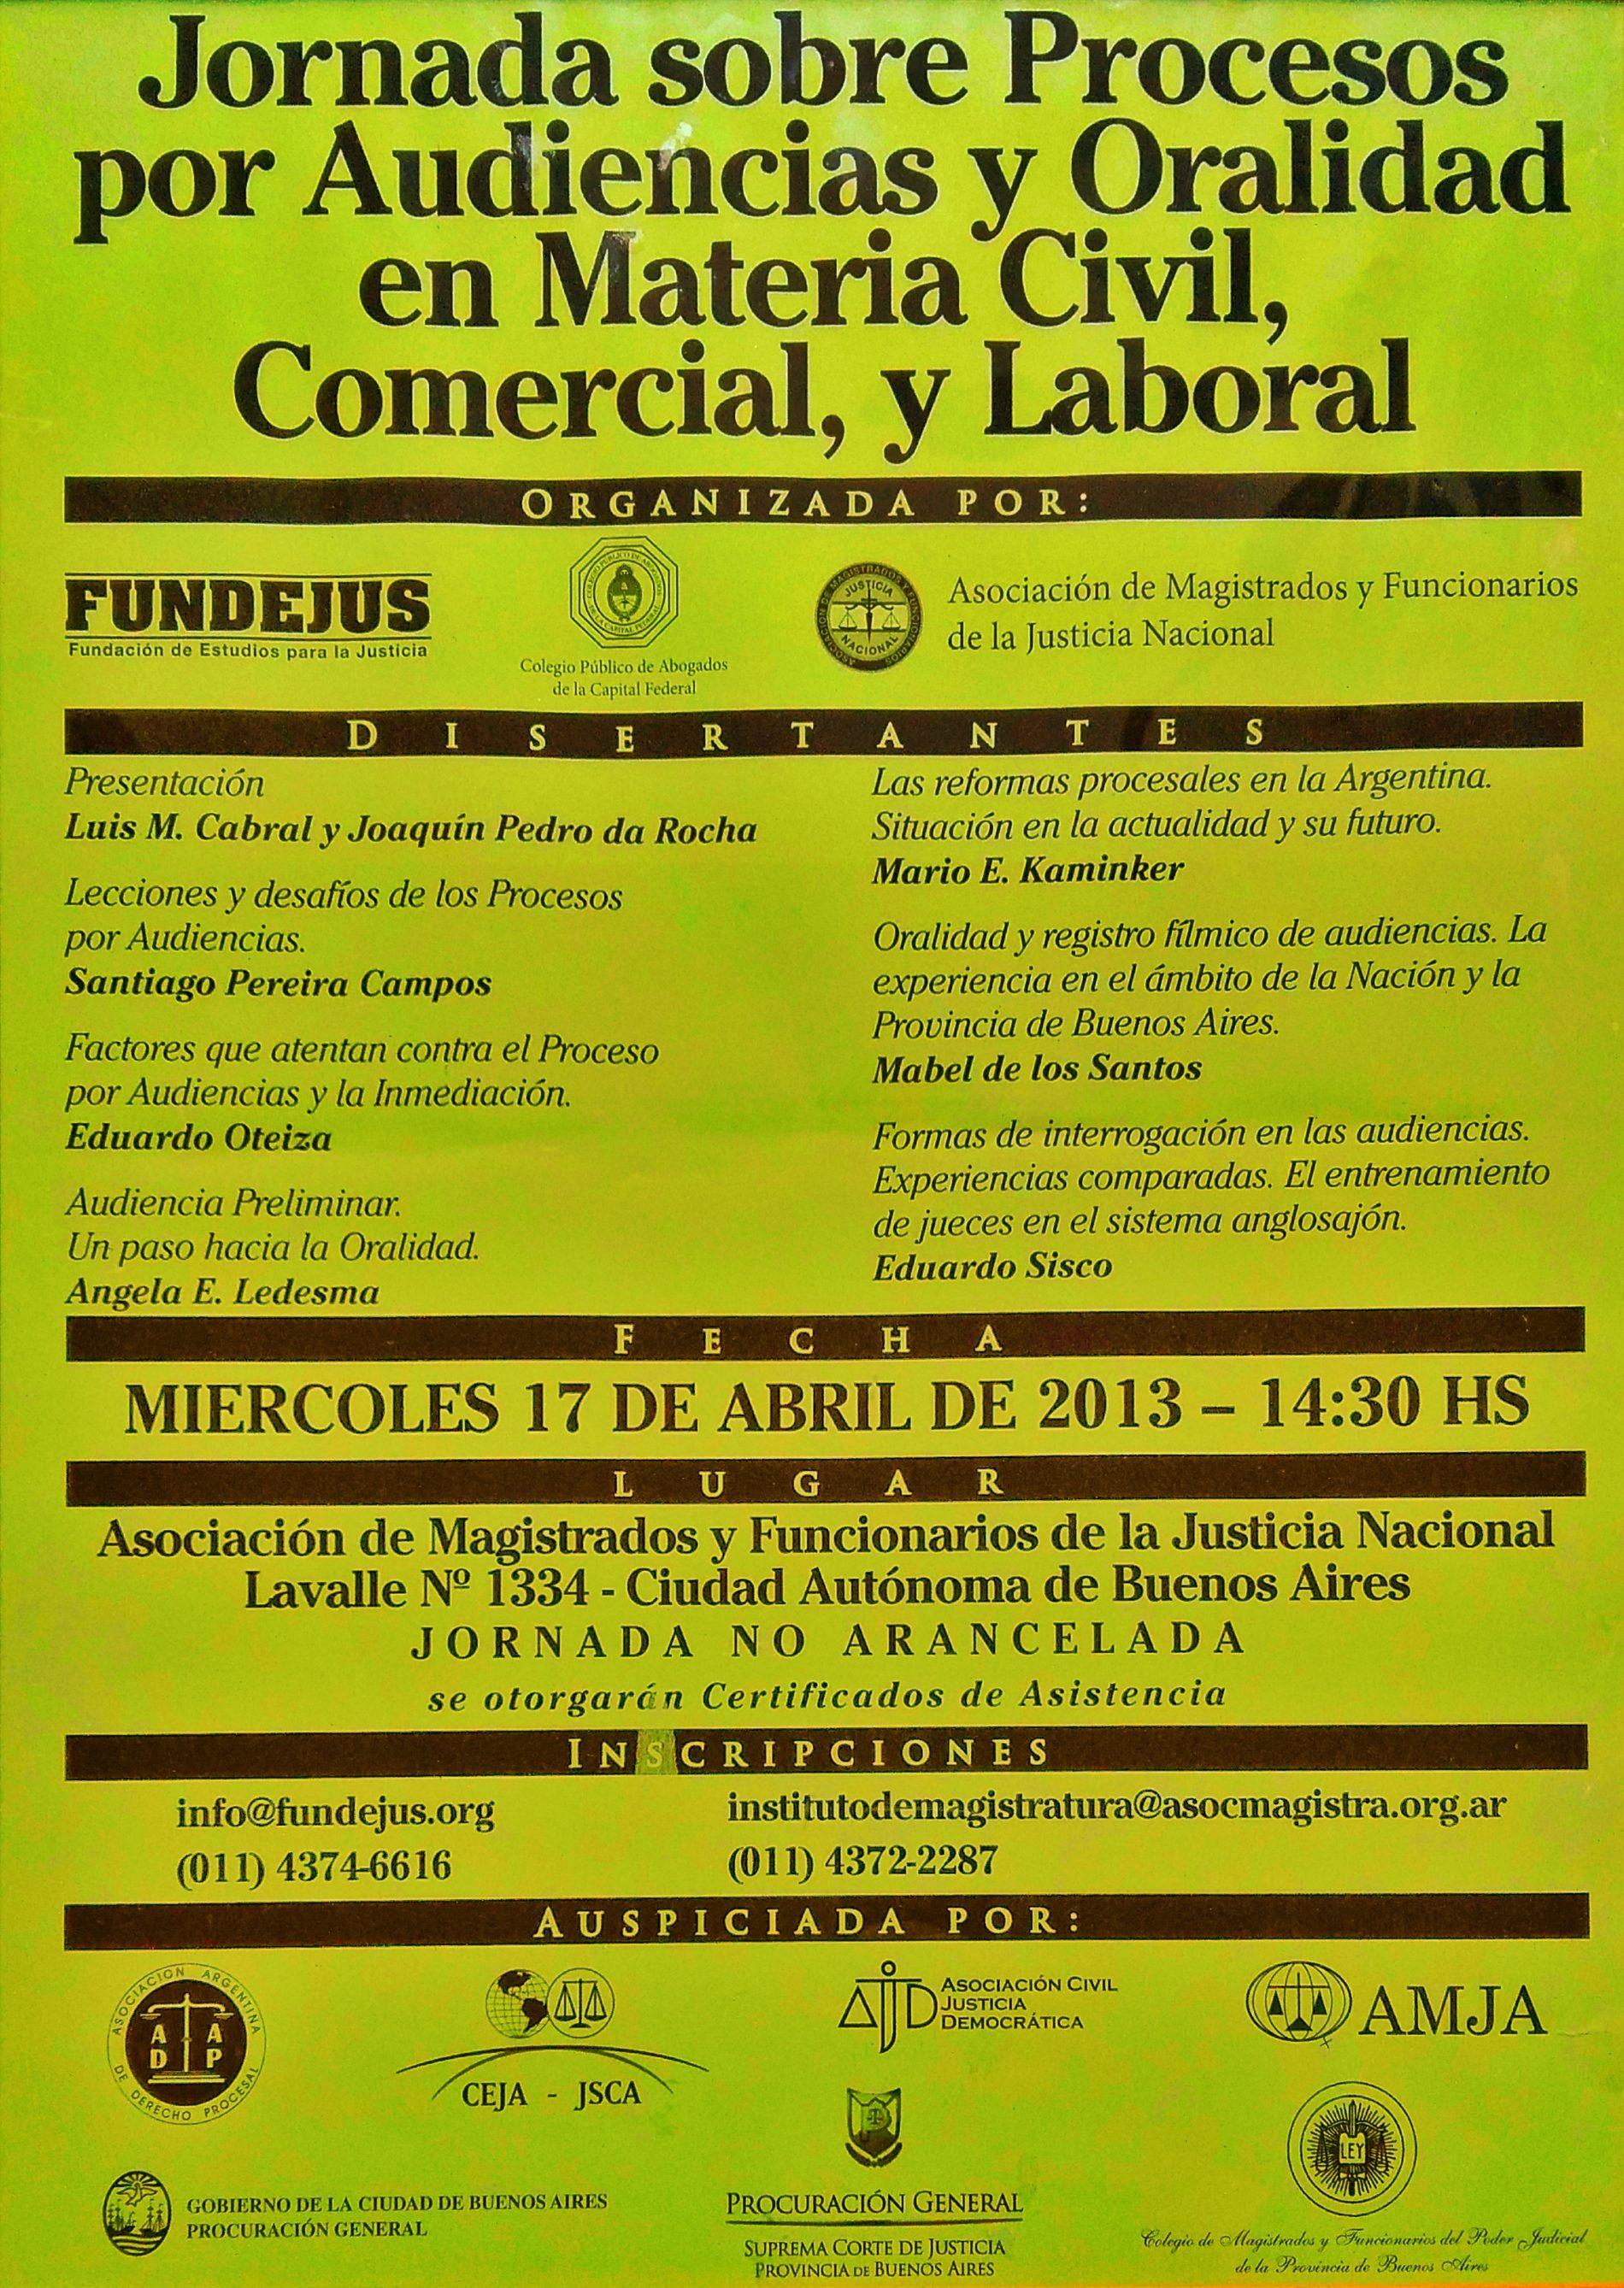 «Jornada sobre Procesos por Audiencias y Oralidad en Materia Civil, Comercial y Laboral»